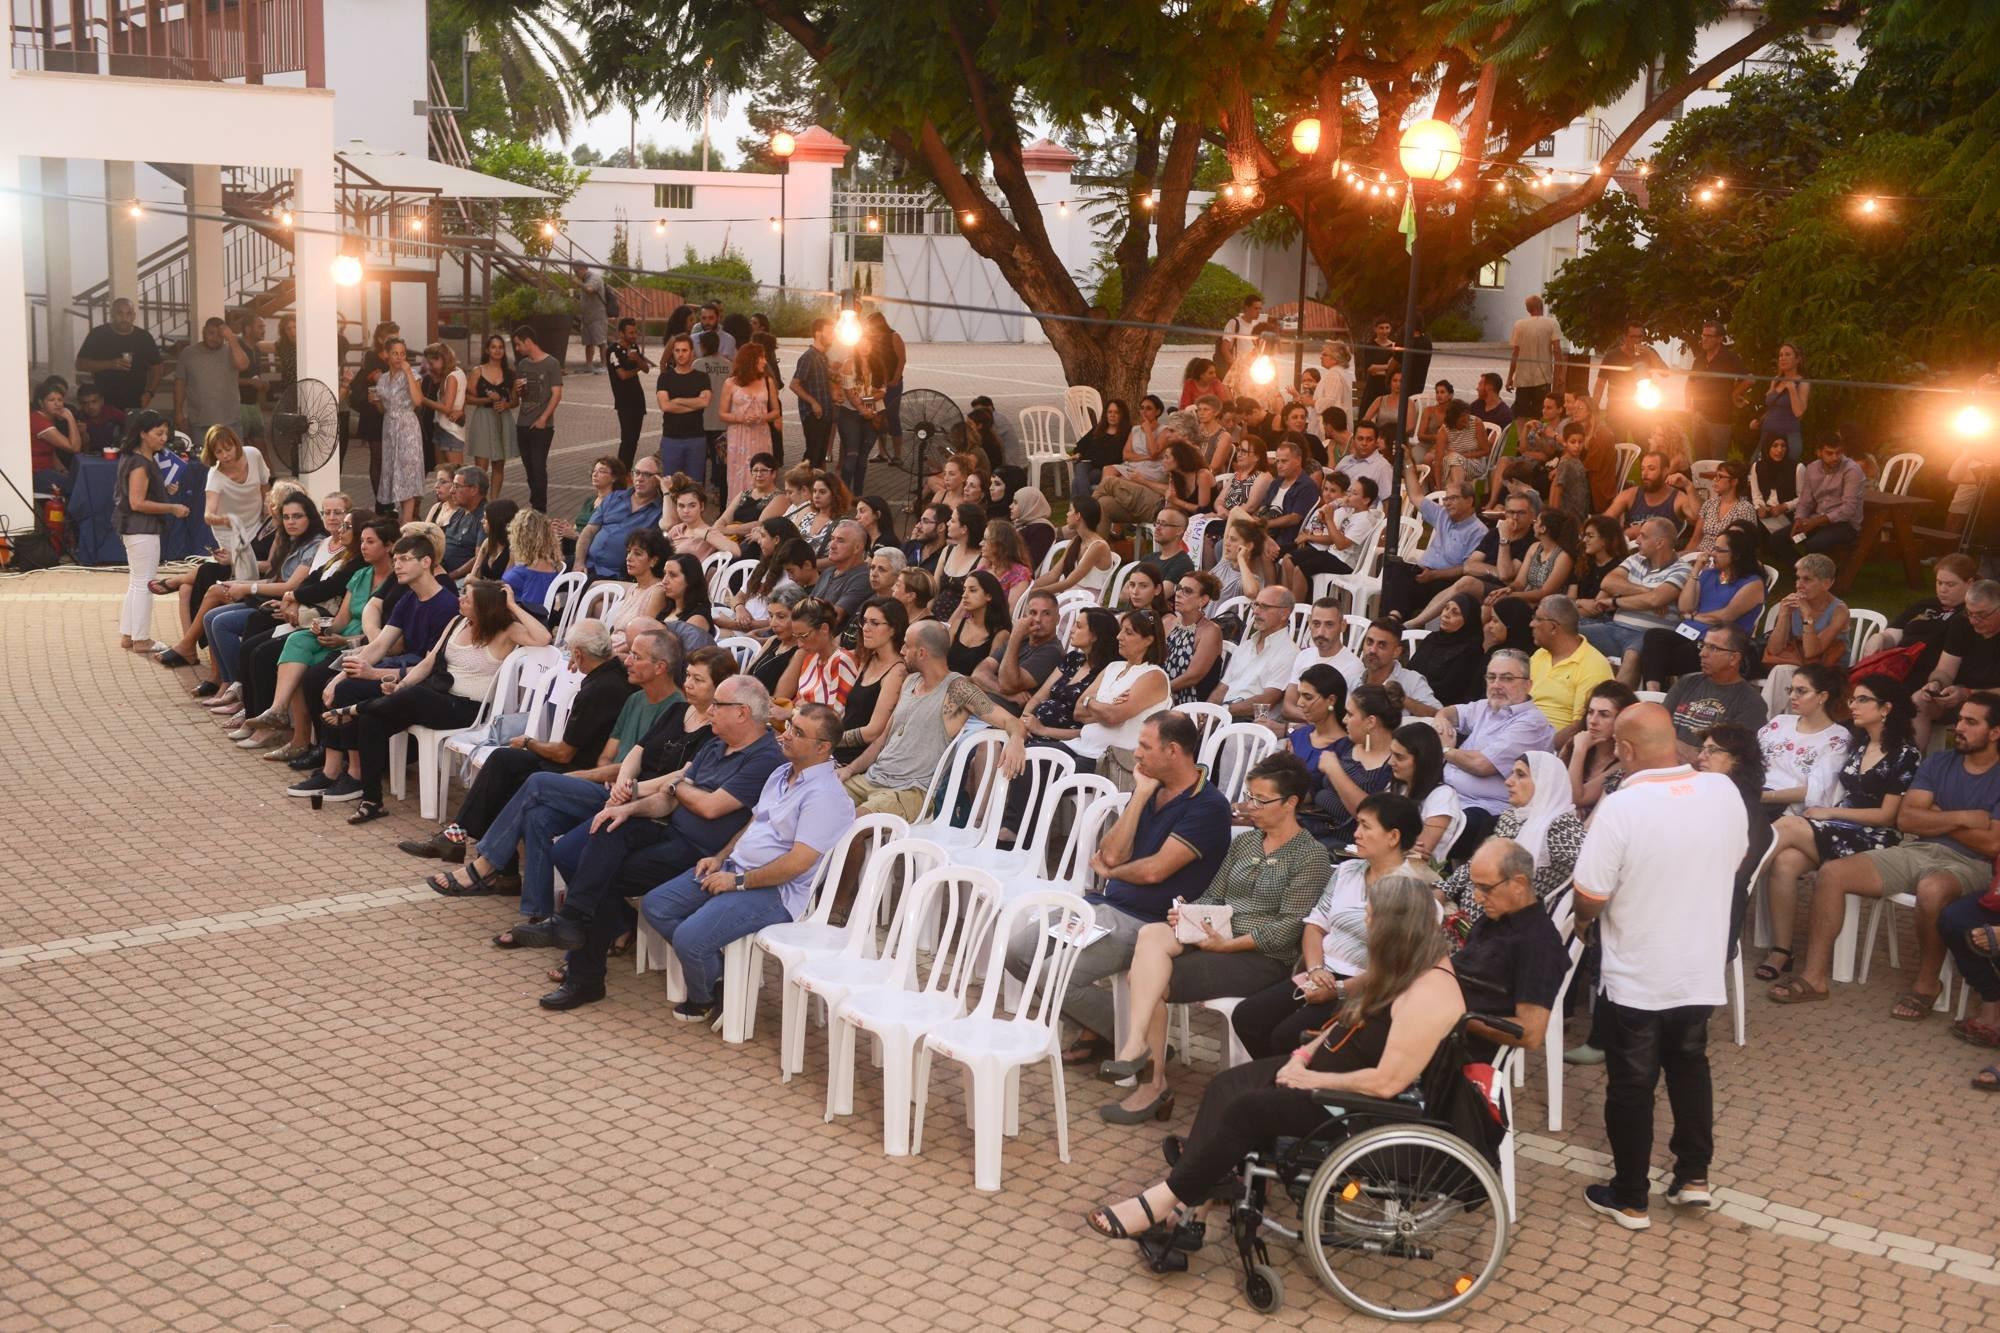 معارض نهائيّة متميّزة للخرّيجات العربيّات في حفل تخرّج طلاب كليّة الفنون